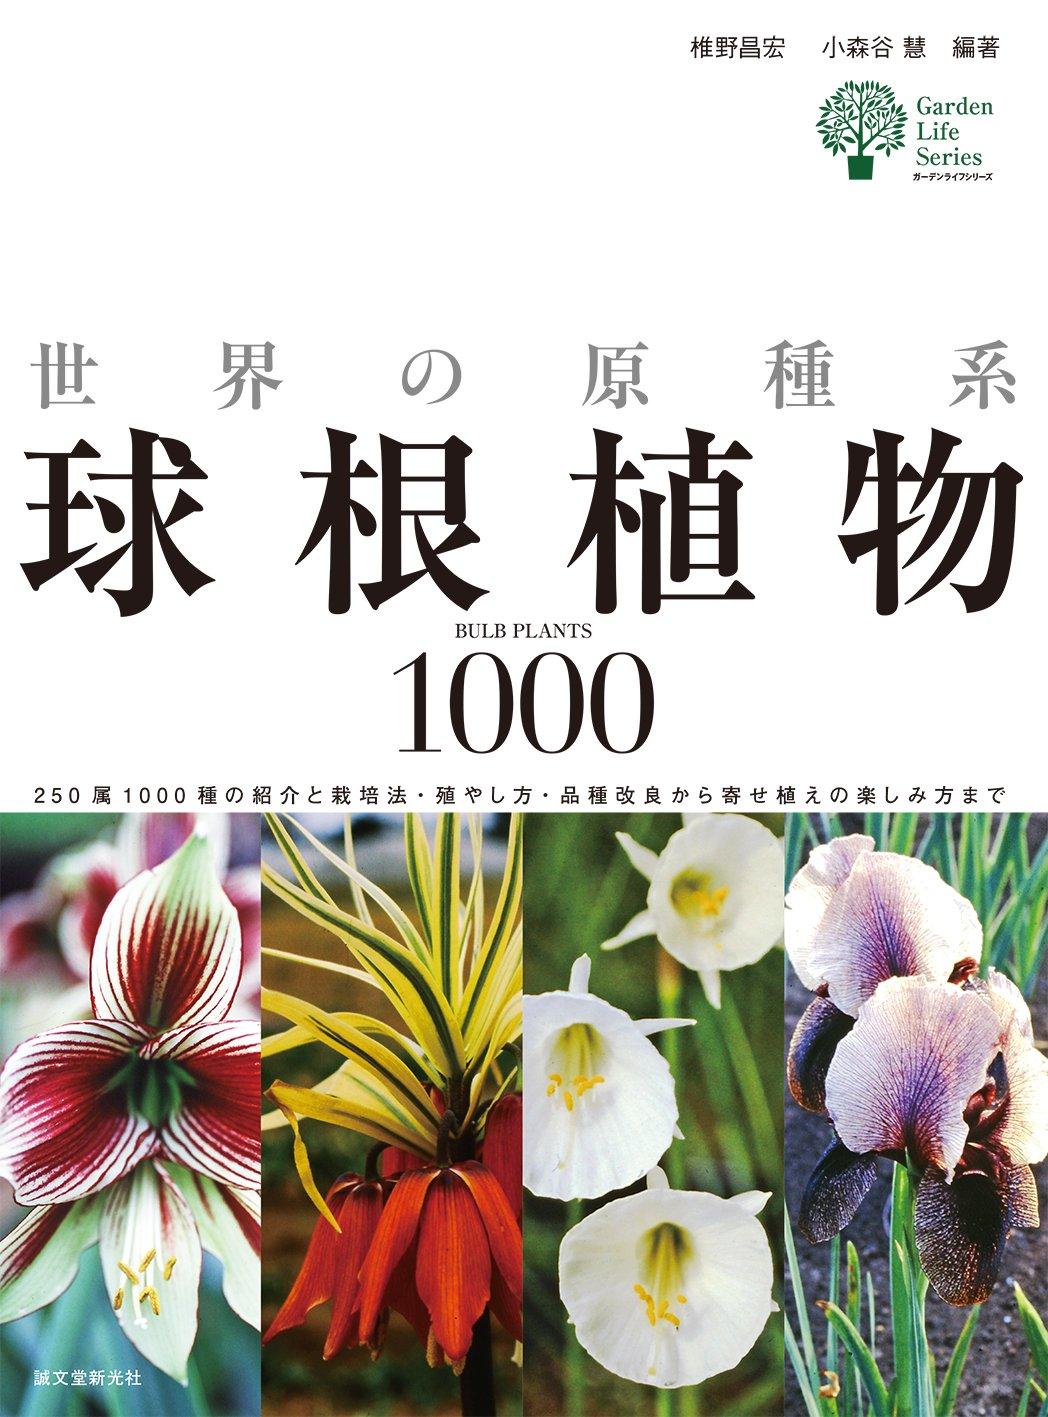 世界の原種系球根植物1000: 250...